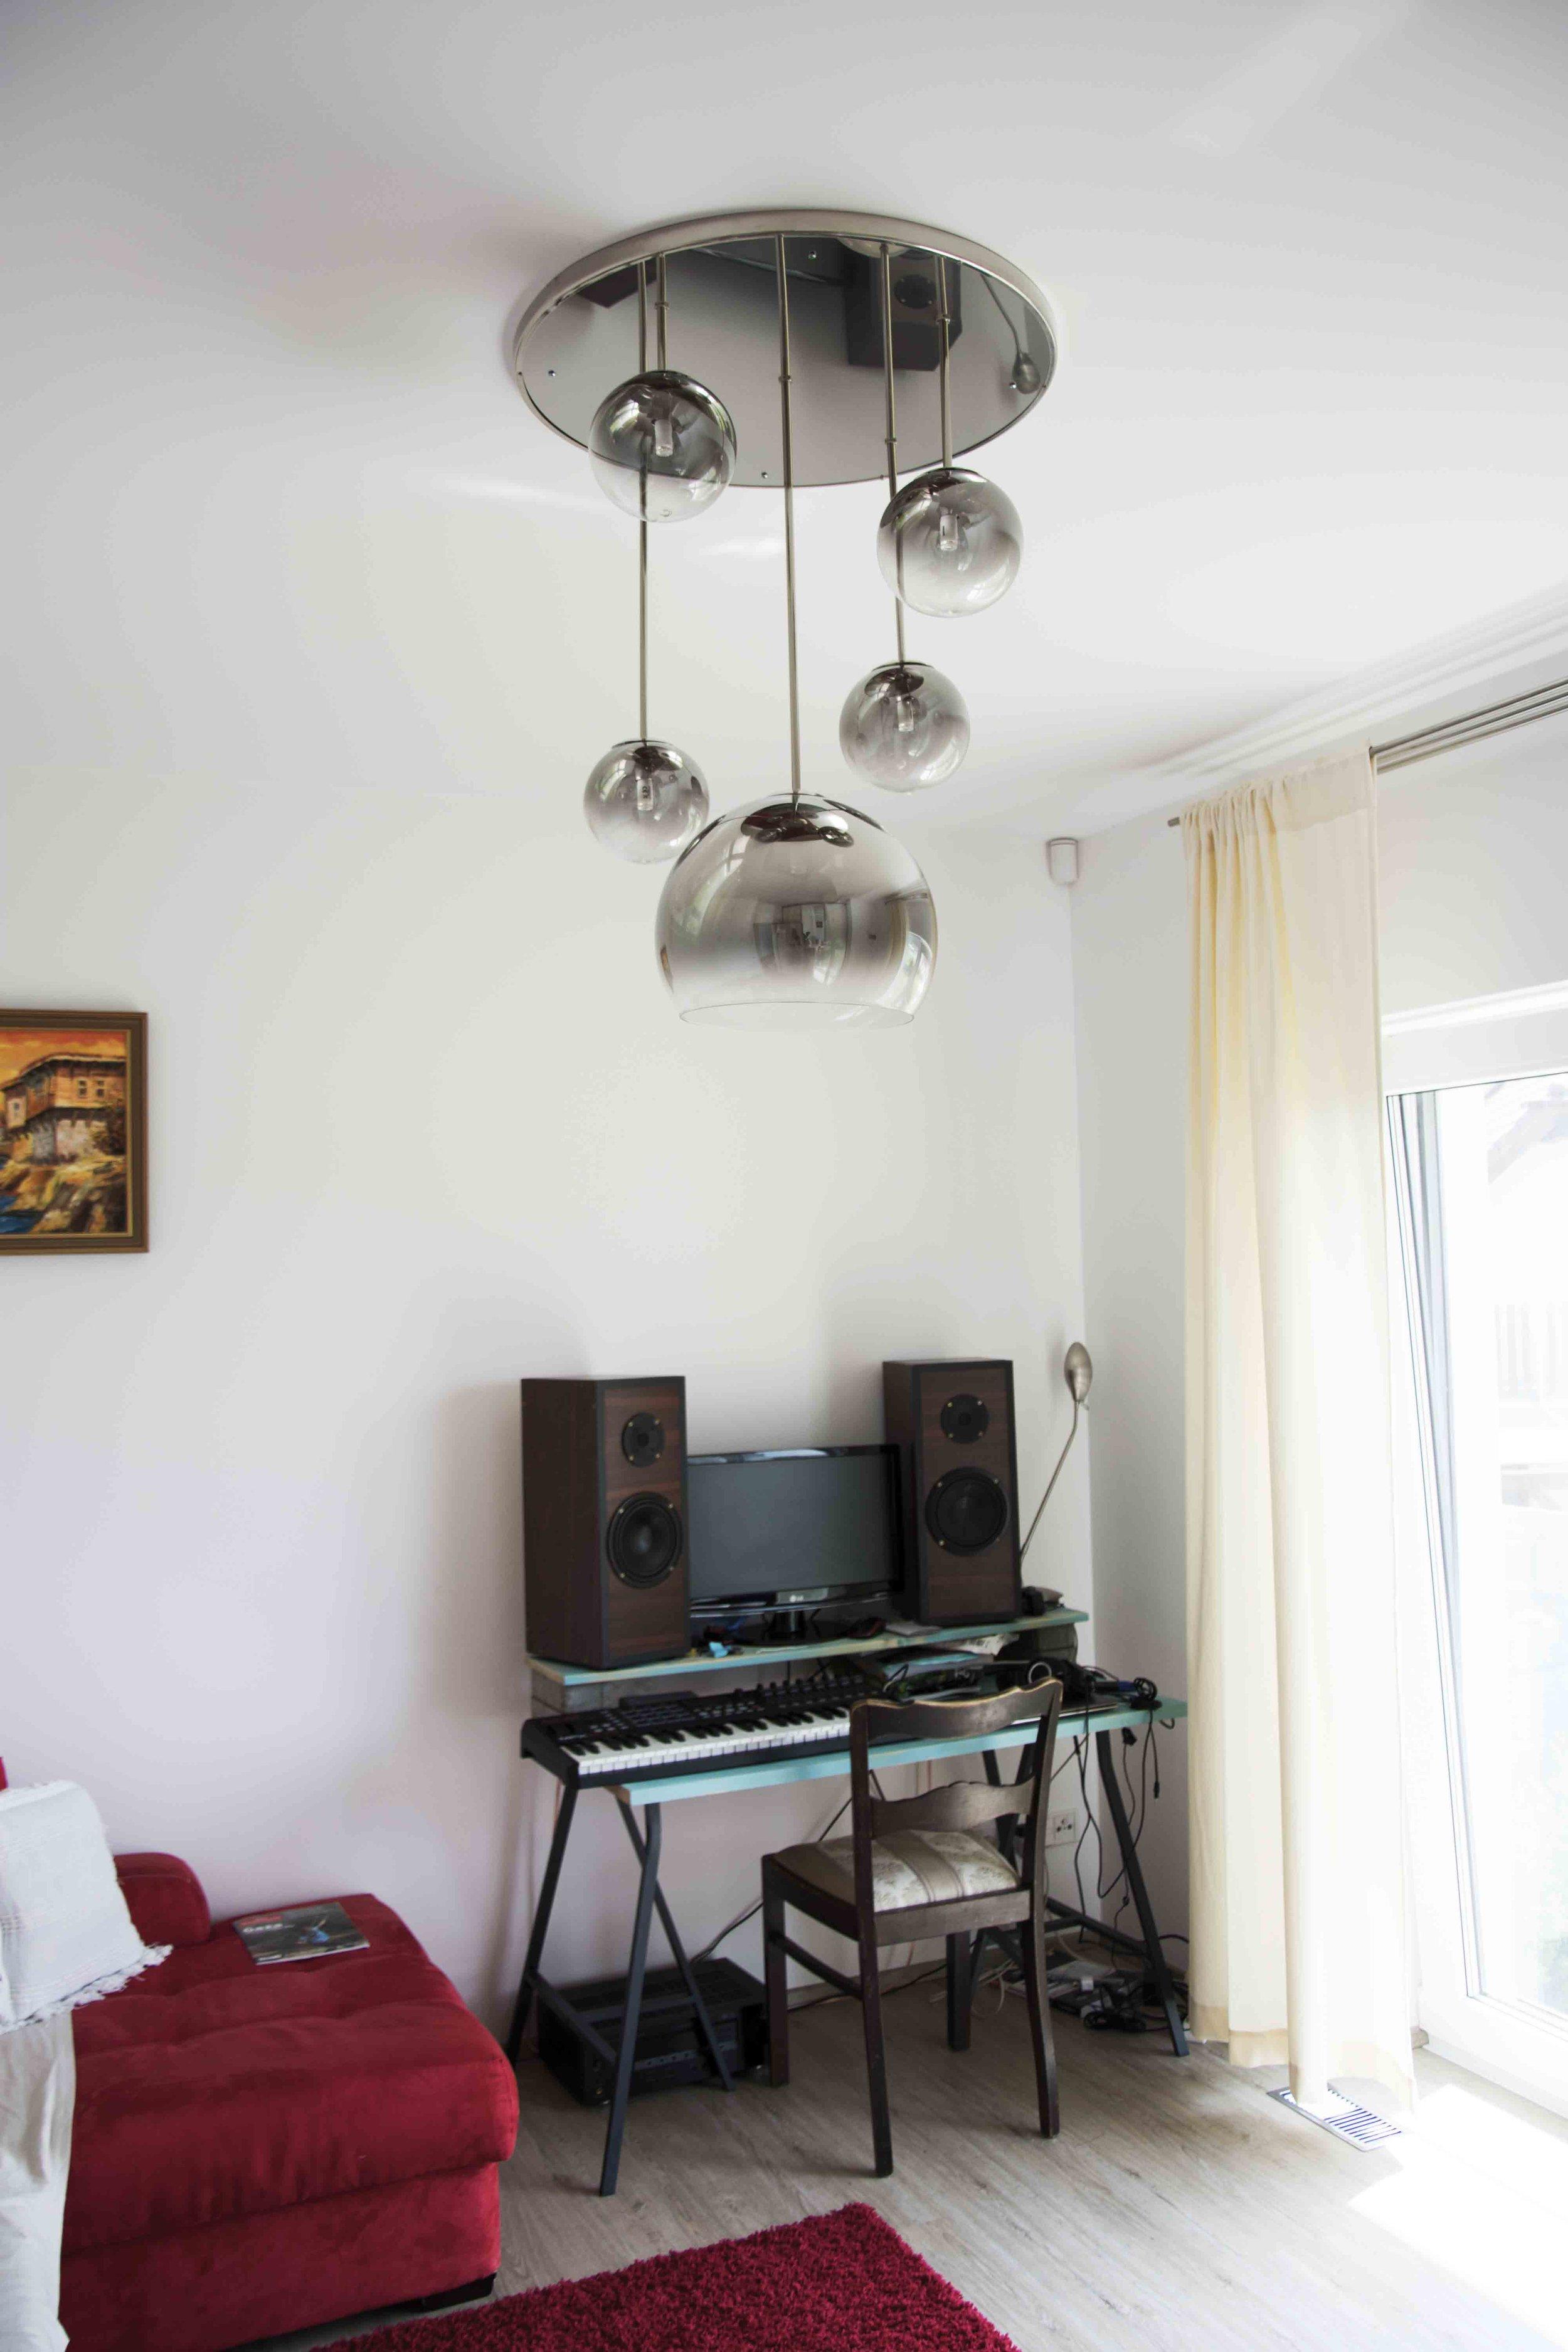 wranovsky_private_villa_chandelier_21.jpg